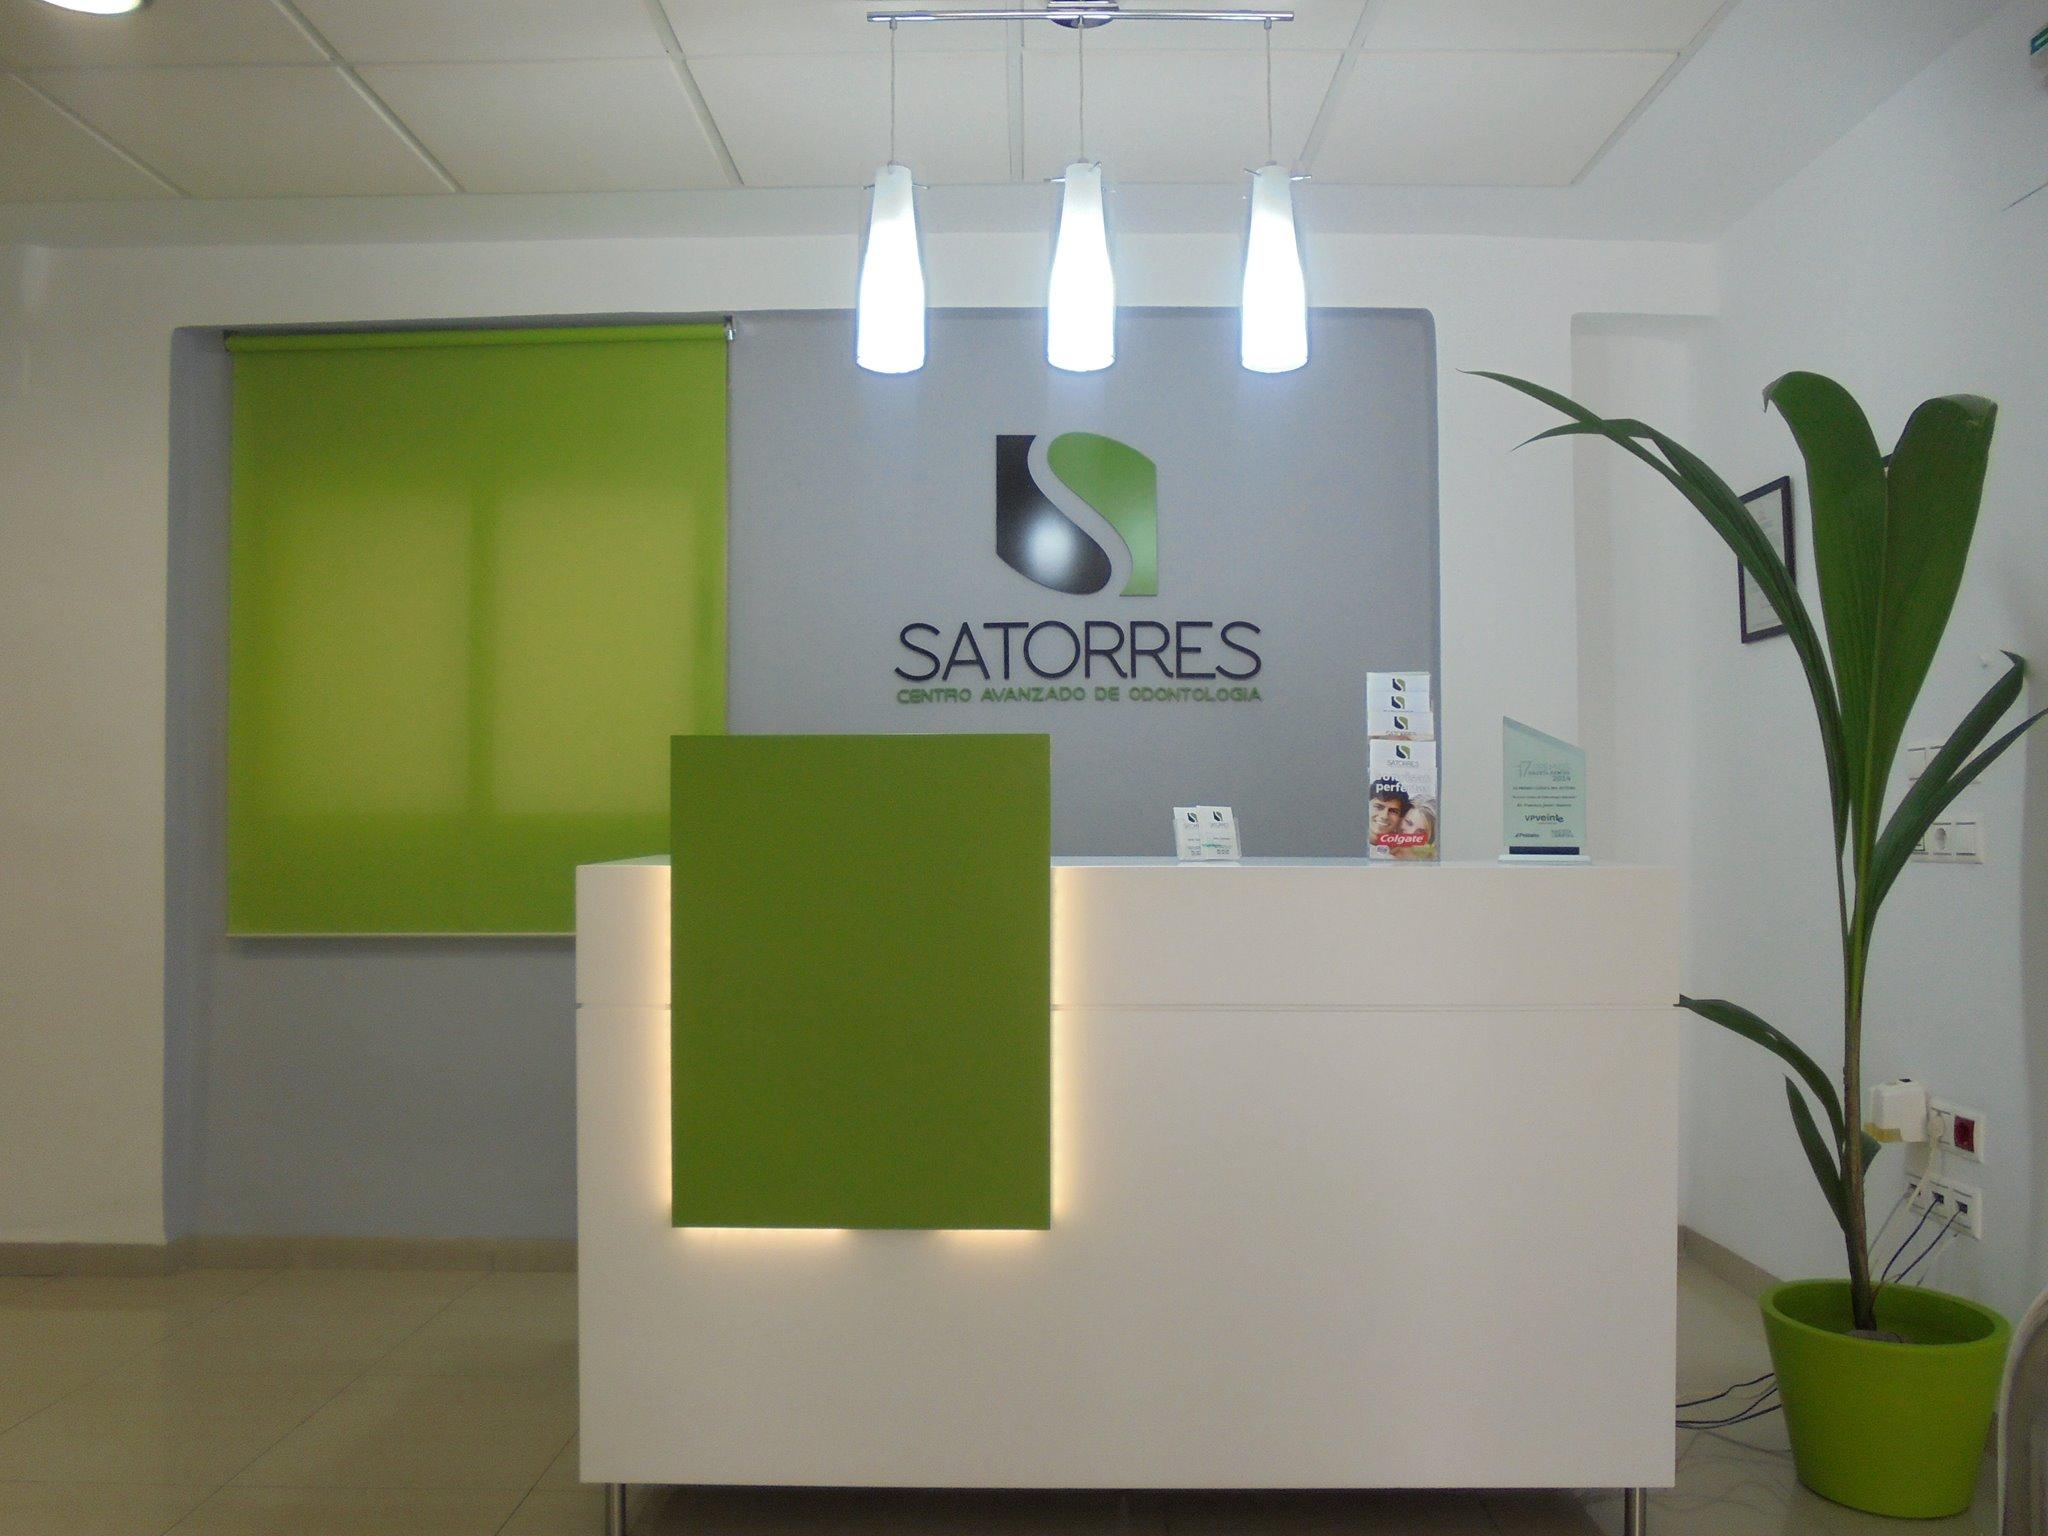 Centro avanzado de odontología Satorres